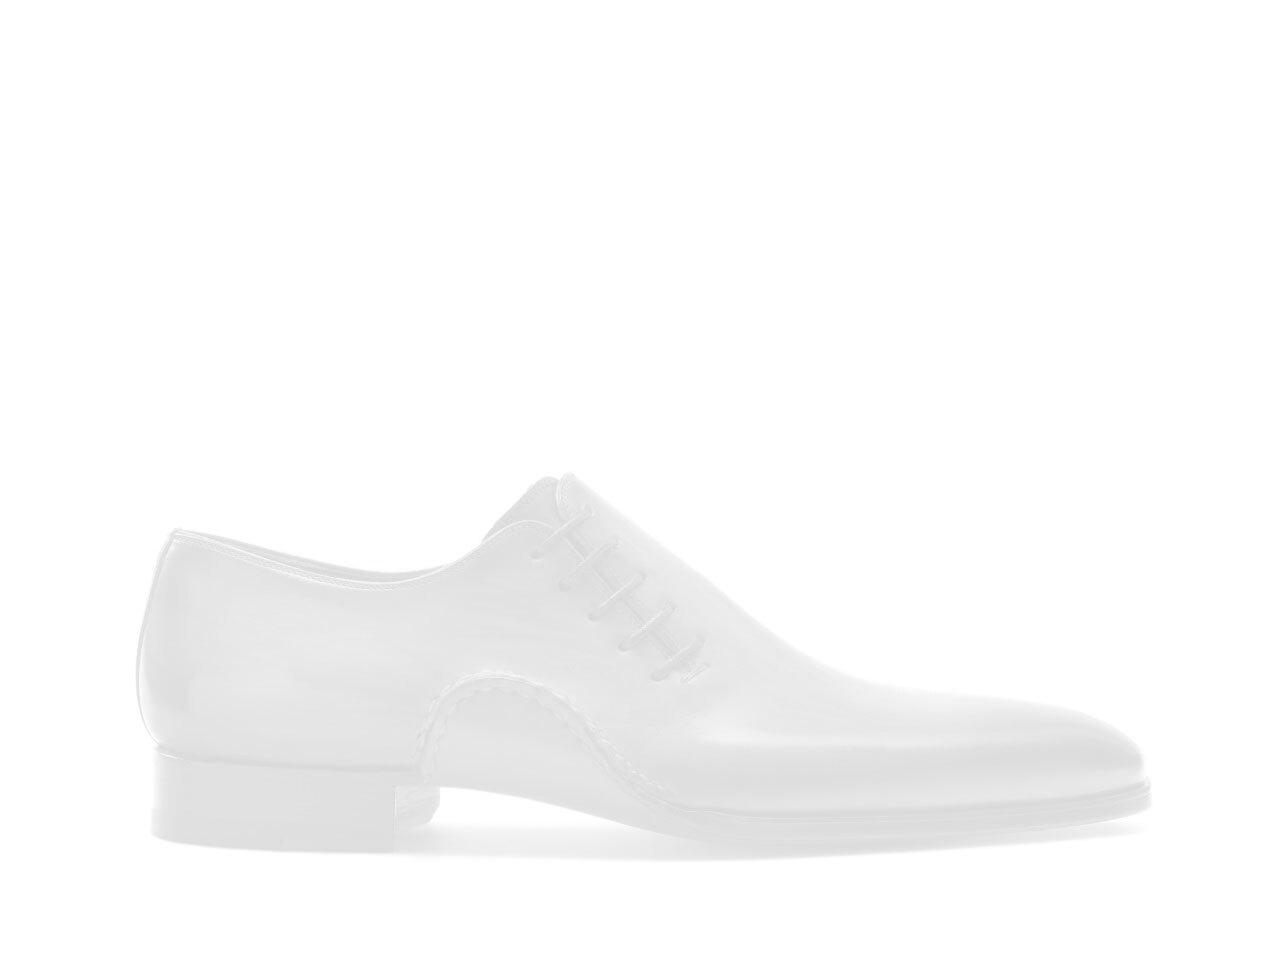 Sole of the Magnanni Maceda Cognac Men's Double Monk Strap Shoes